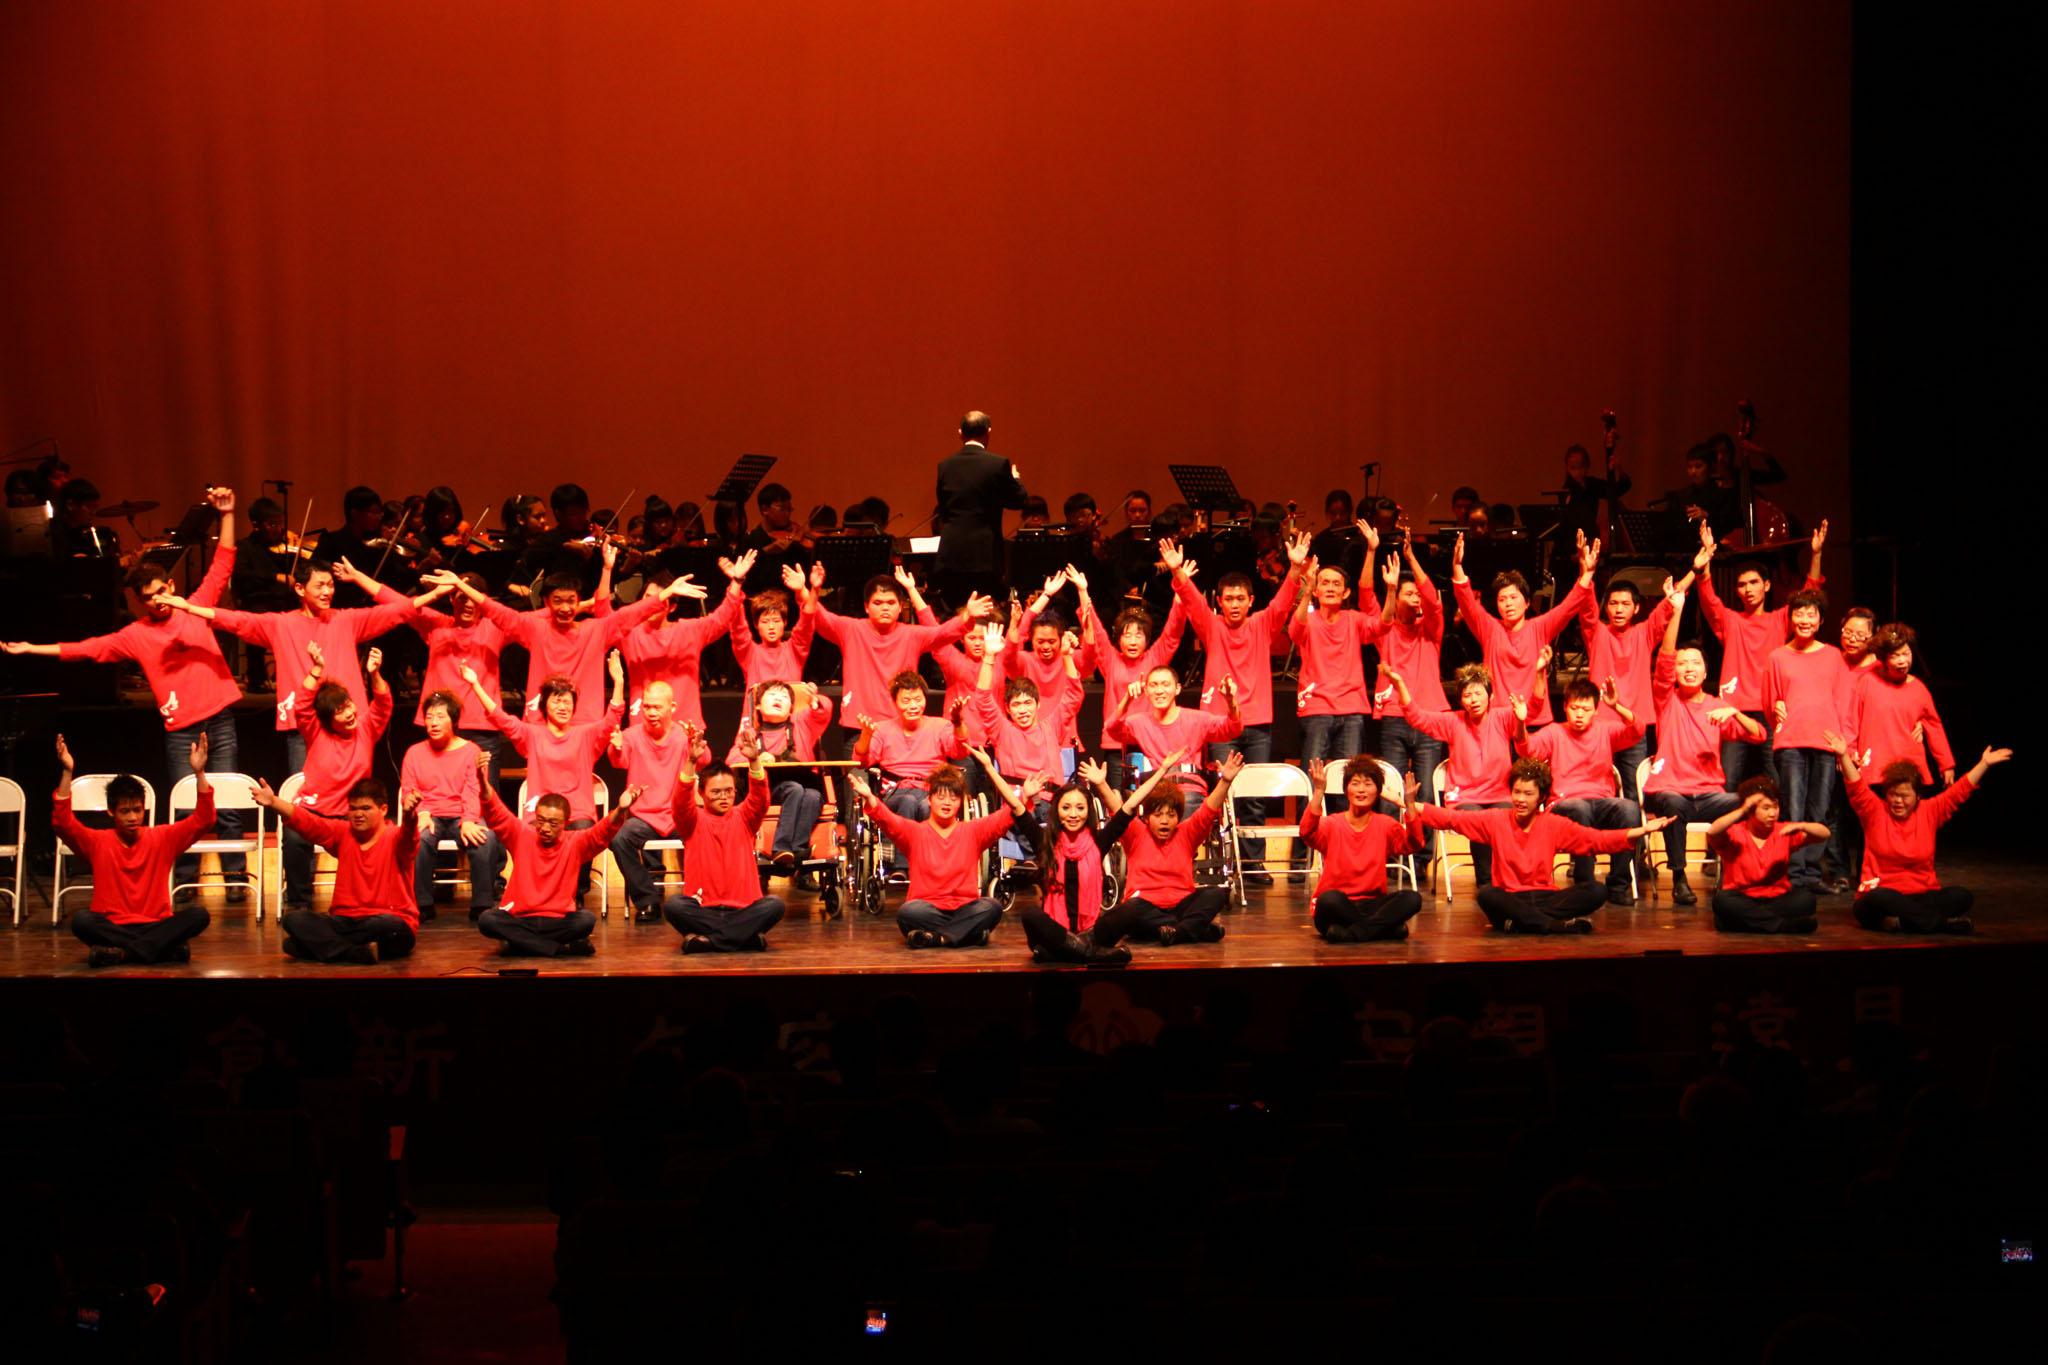 ▲「少年磐石」希望工程目的就是要幫助喜愛音樂的身心障礙朋友,構築一個快樂的音樂園地。